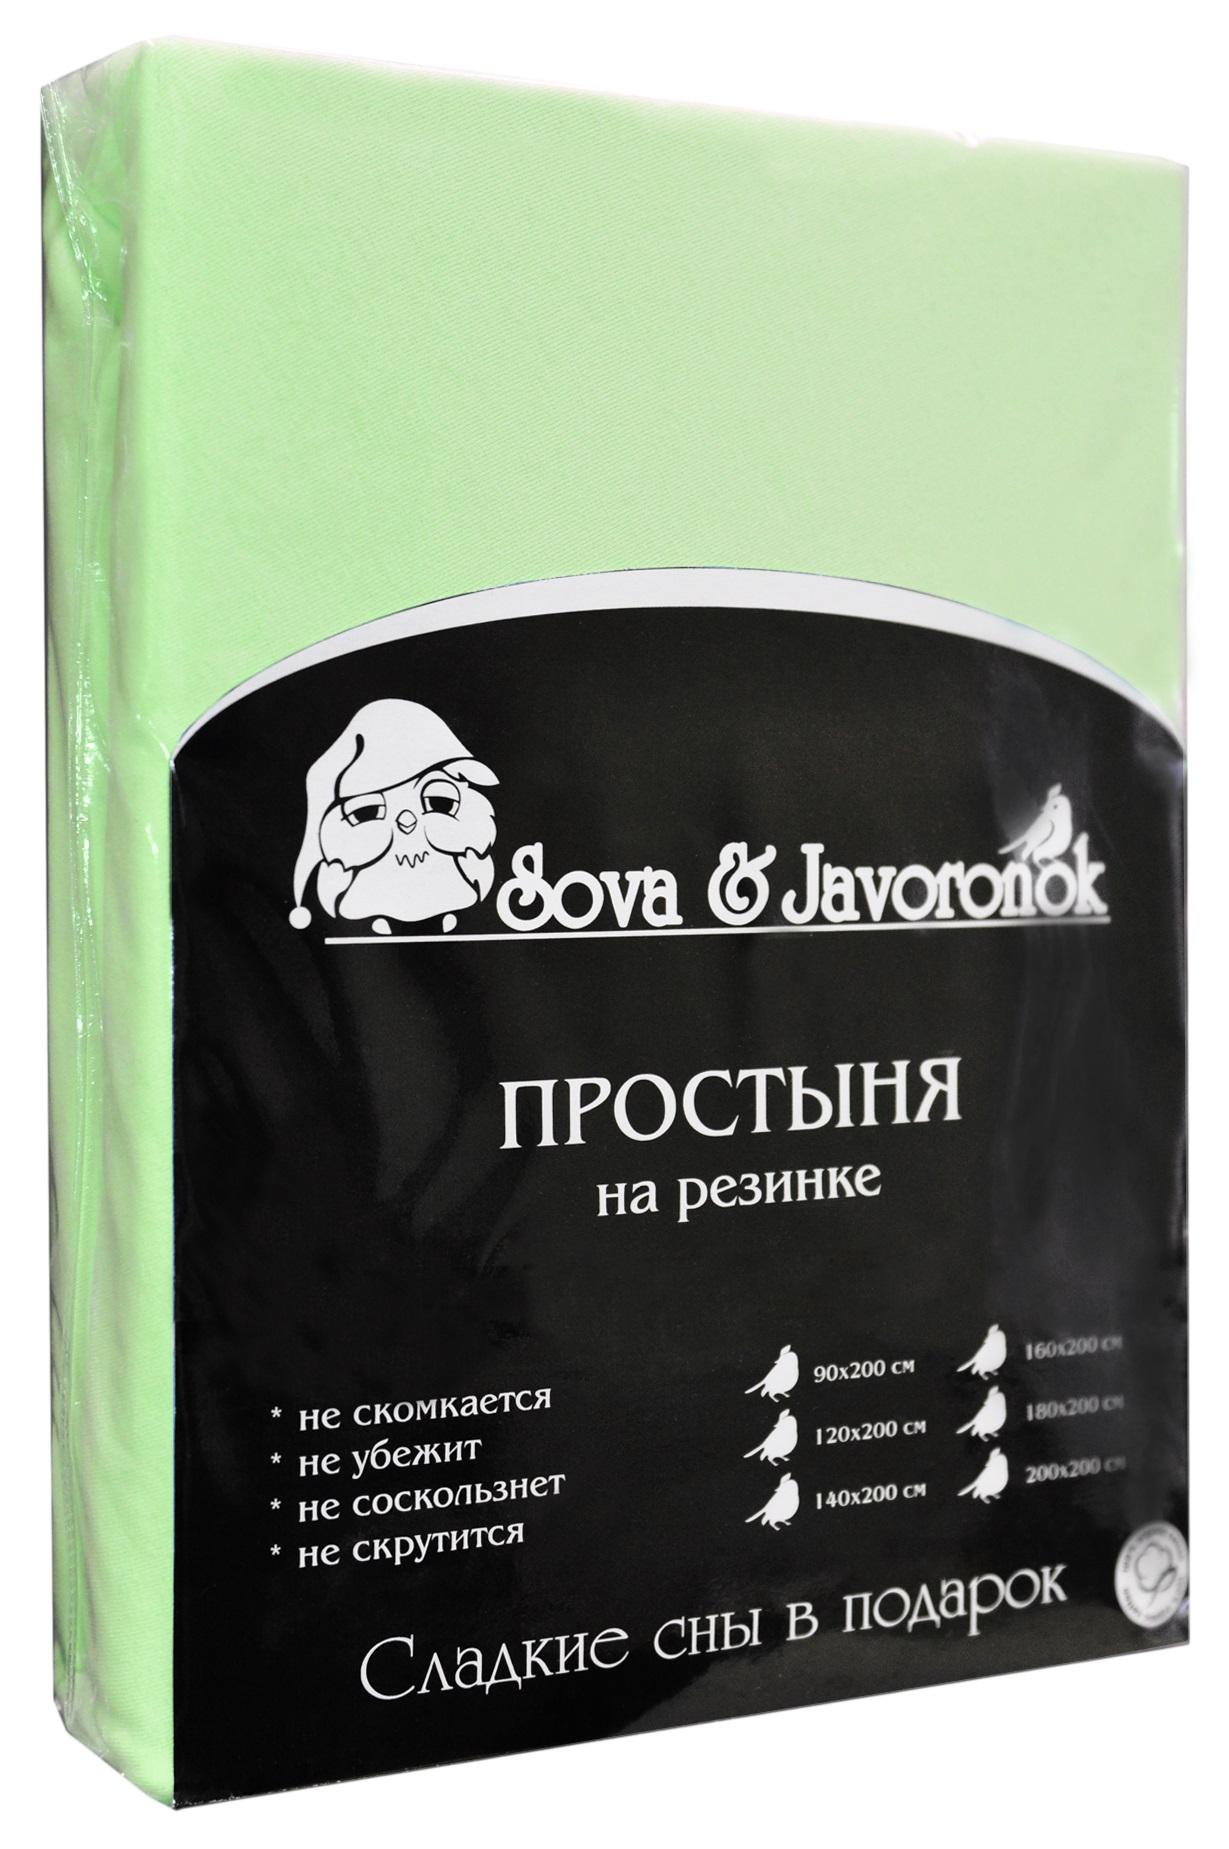 Простыня на резинке Sova & Javoronok, цвет: светло-зеленый, 140 см х 200 см531-105Простыня на резинке Sova & Javoronok, изготовленная из трикотажной ткани (100% хлопок), будет превосходно смотреться с любыми комплектами белья. Хлопчатобумажный трикотаж по праву считается одним из самых качественных, прочных и при этом приятных на ощупь. Его гигиеничность позволяет использовать простыню и в детских комнатах, к тому же 100%-ый хлопок в составе ткани не вызовет аллергии. У трикотажного полотна очень интересная структура, немного рыхлая за счет отсутствия плотного переплетения нитей и наличия особых петель, благодаря этому простыня Сова и Жаворонок отлично пропускает воздух и способствует его постоянной циркуляции. Поэтому ваша постель будет всегда оставаться свежей. Но главное и, пожалуй, самое известное свойство трикотажа - это его великолепная растяжимость, поэтому эта ткань и была выбрана для натяжной простыни на резинке.Простыня прошита резинкой по всему периметру, что обеспечивает более комфортный отдых, так как она прочно удерживается на матрасе и избавляет от необходимости часто поправлять простыню.